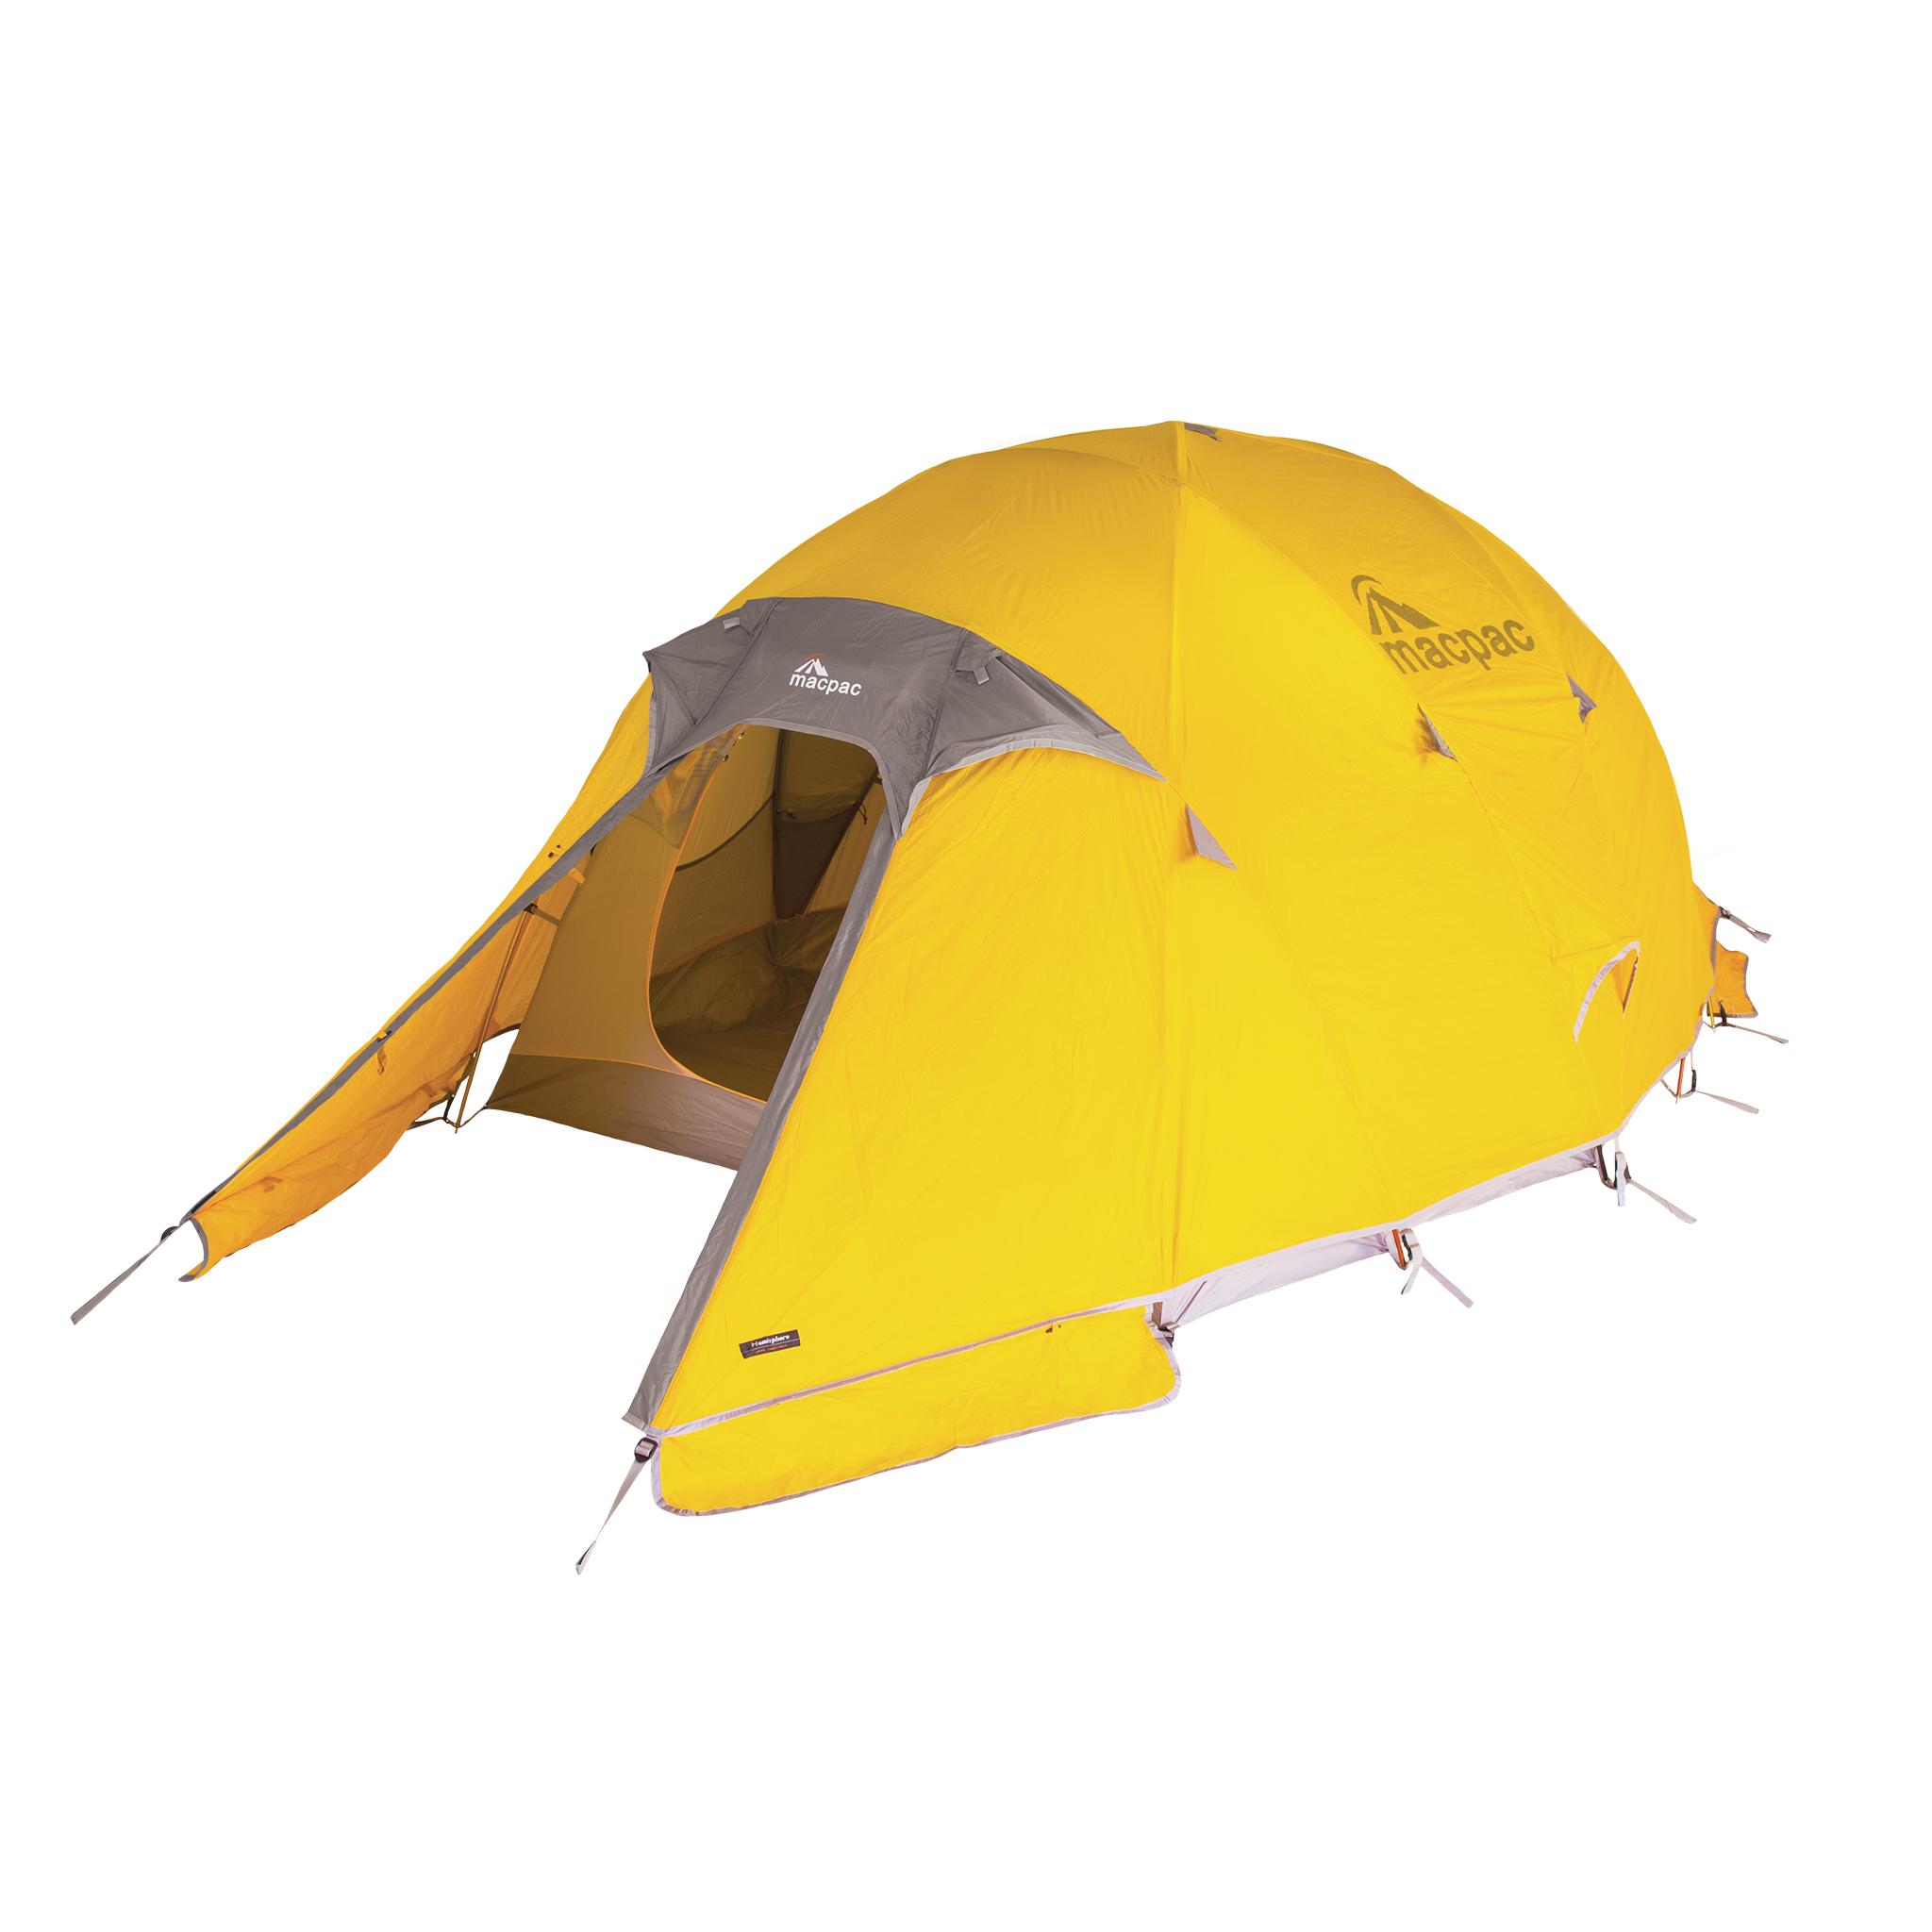 Hemisphere Tent - Spectra Yellow